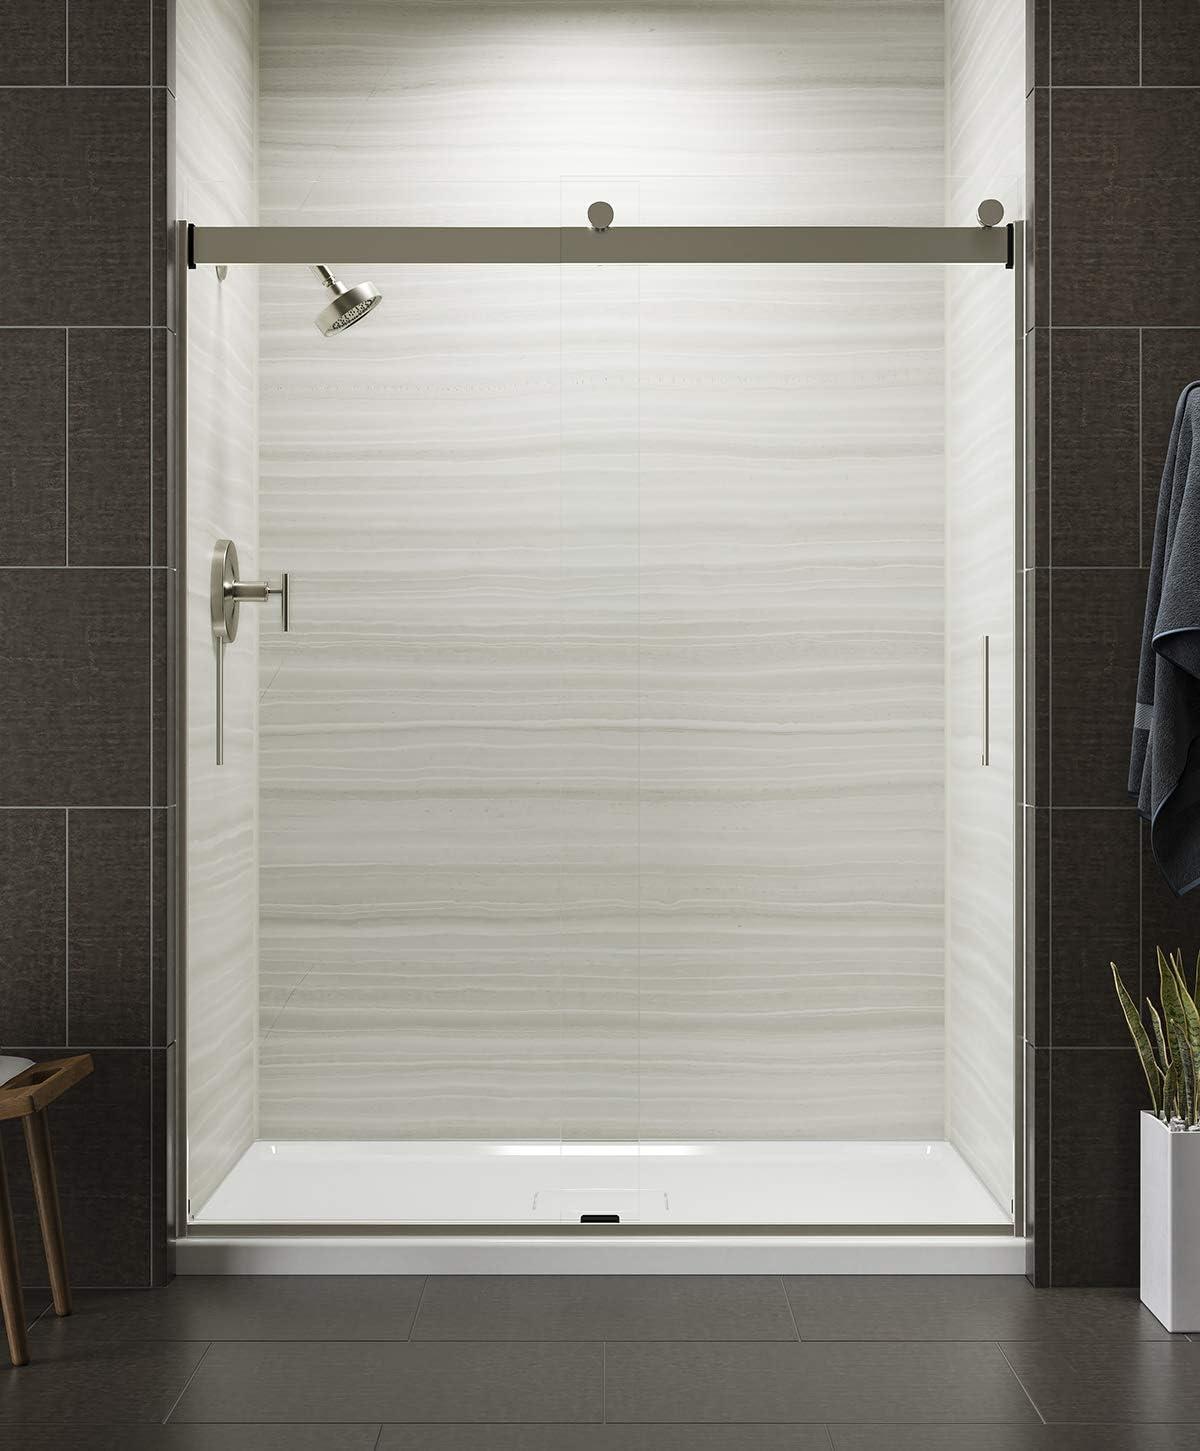 KOHLER K-706009-L-MX - Puerta de ducha corredera con mango niquelado mate y cristal transparente de 0,63 cm de grosor.: Amazon.es: Bricolaje y herramientas